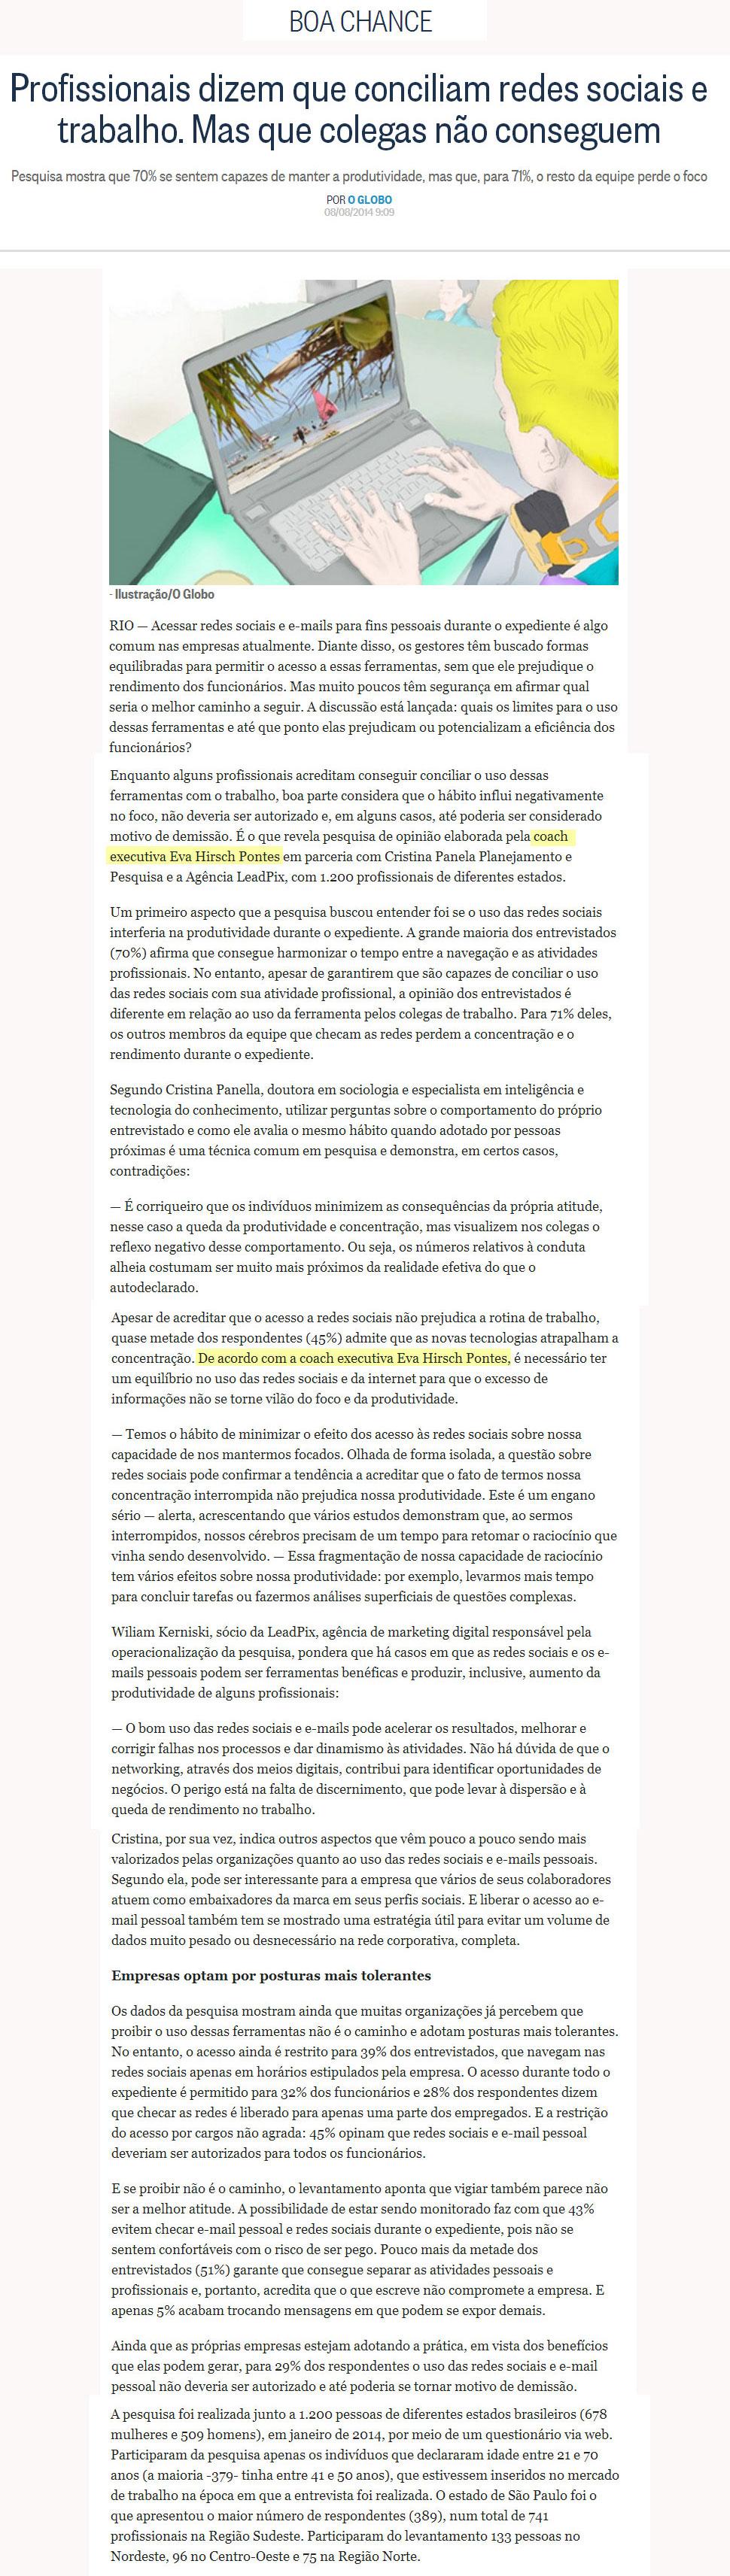 Portal-O-Globo_Boa-Chance_8